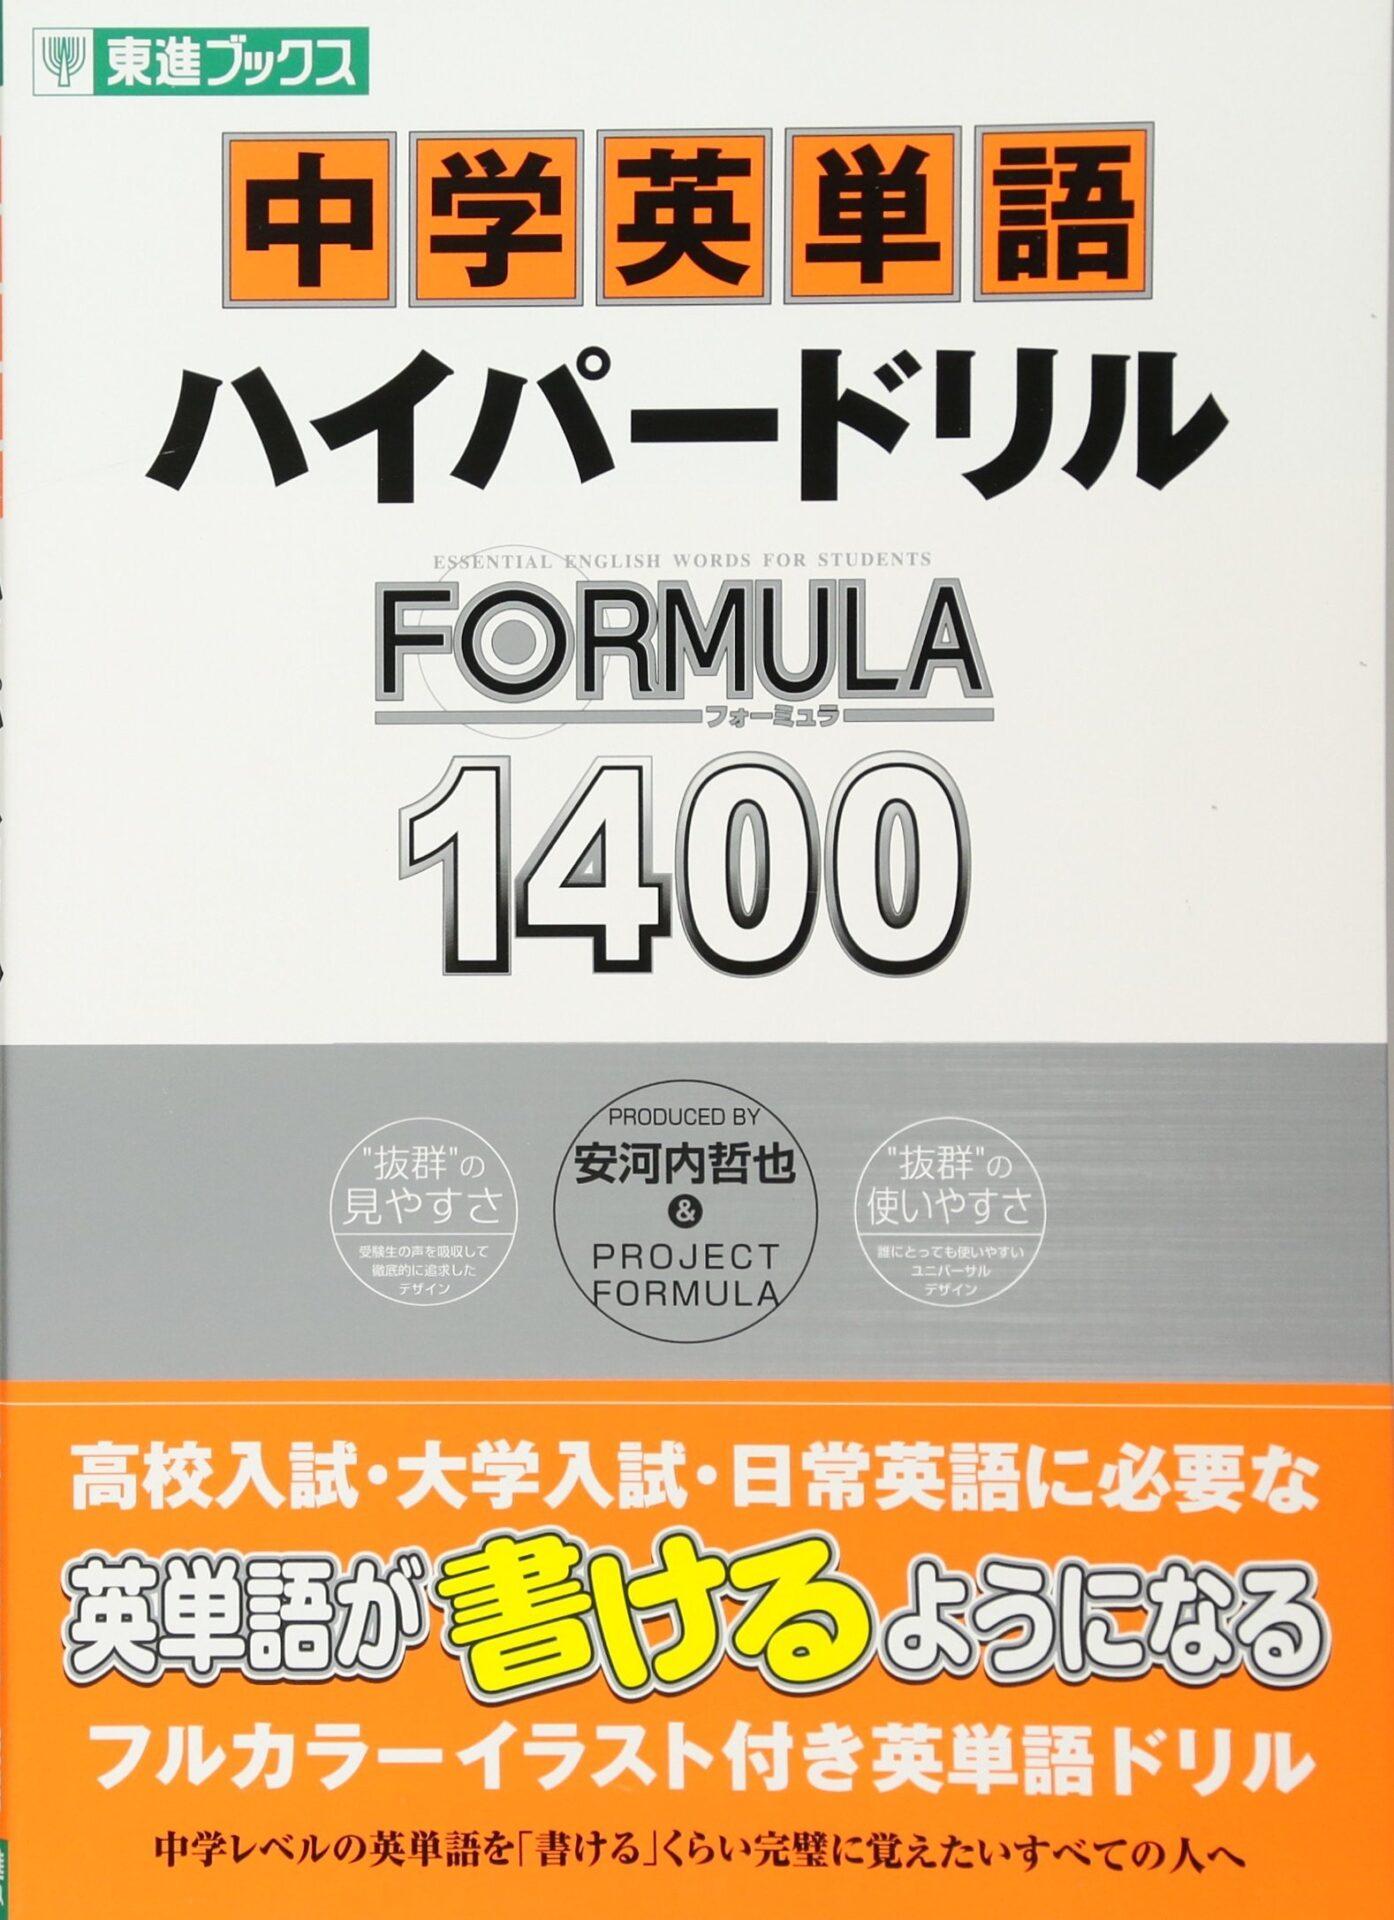 f:id:TeachforFUKUOKA:20210621224539j:image